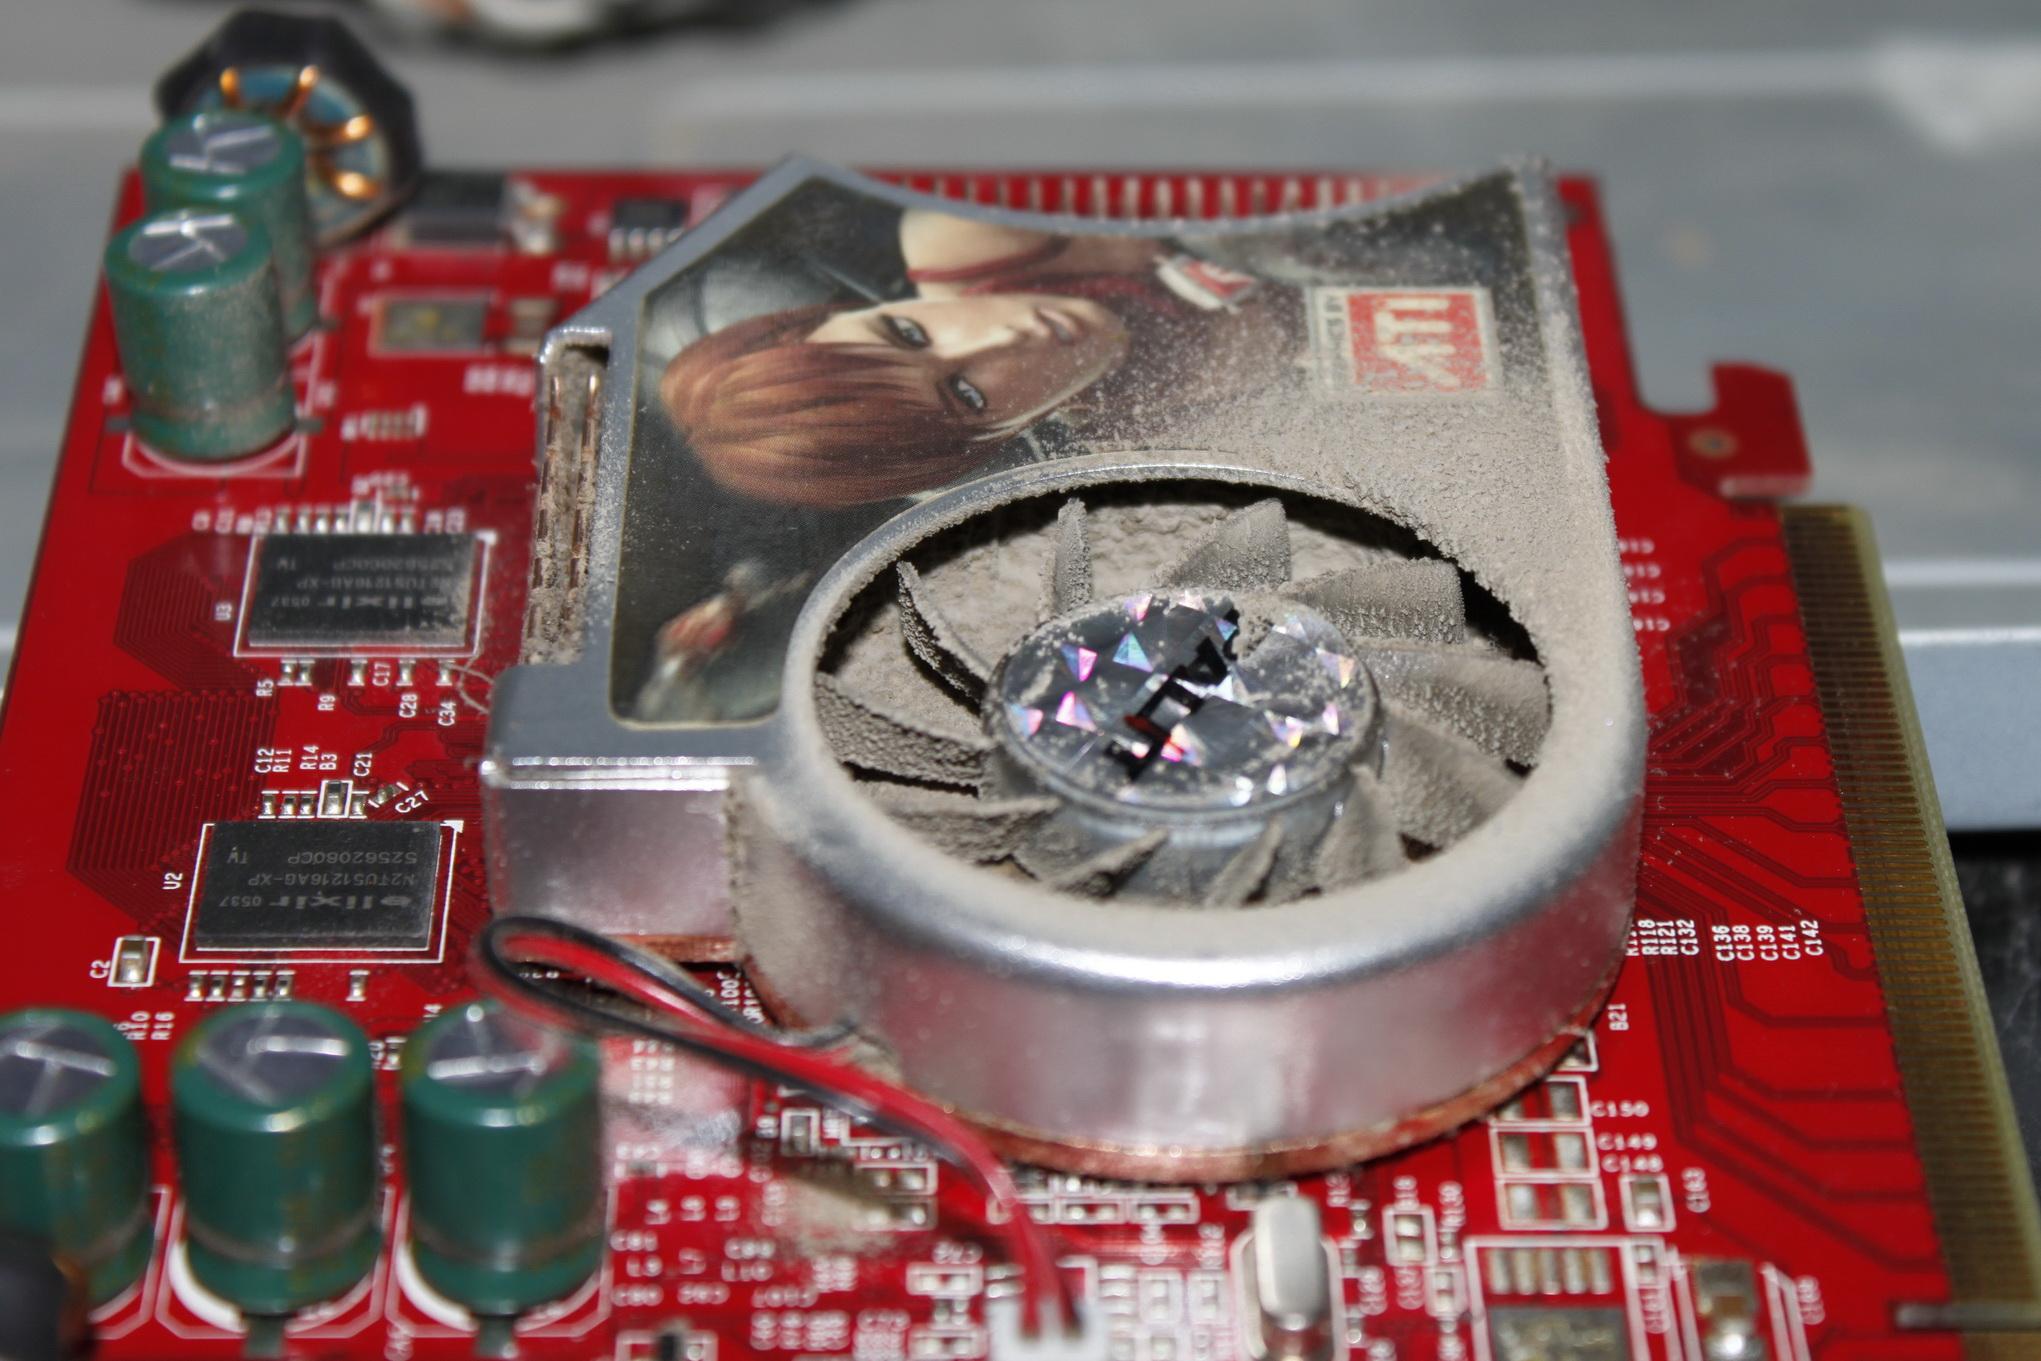 Радиатор видеокарты забит пылью.